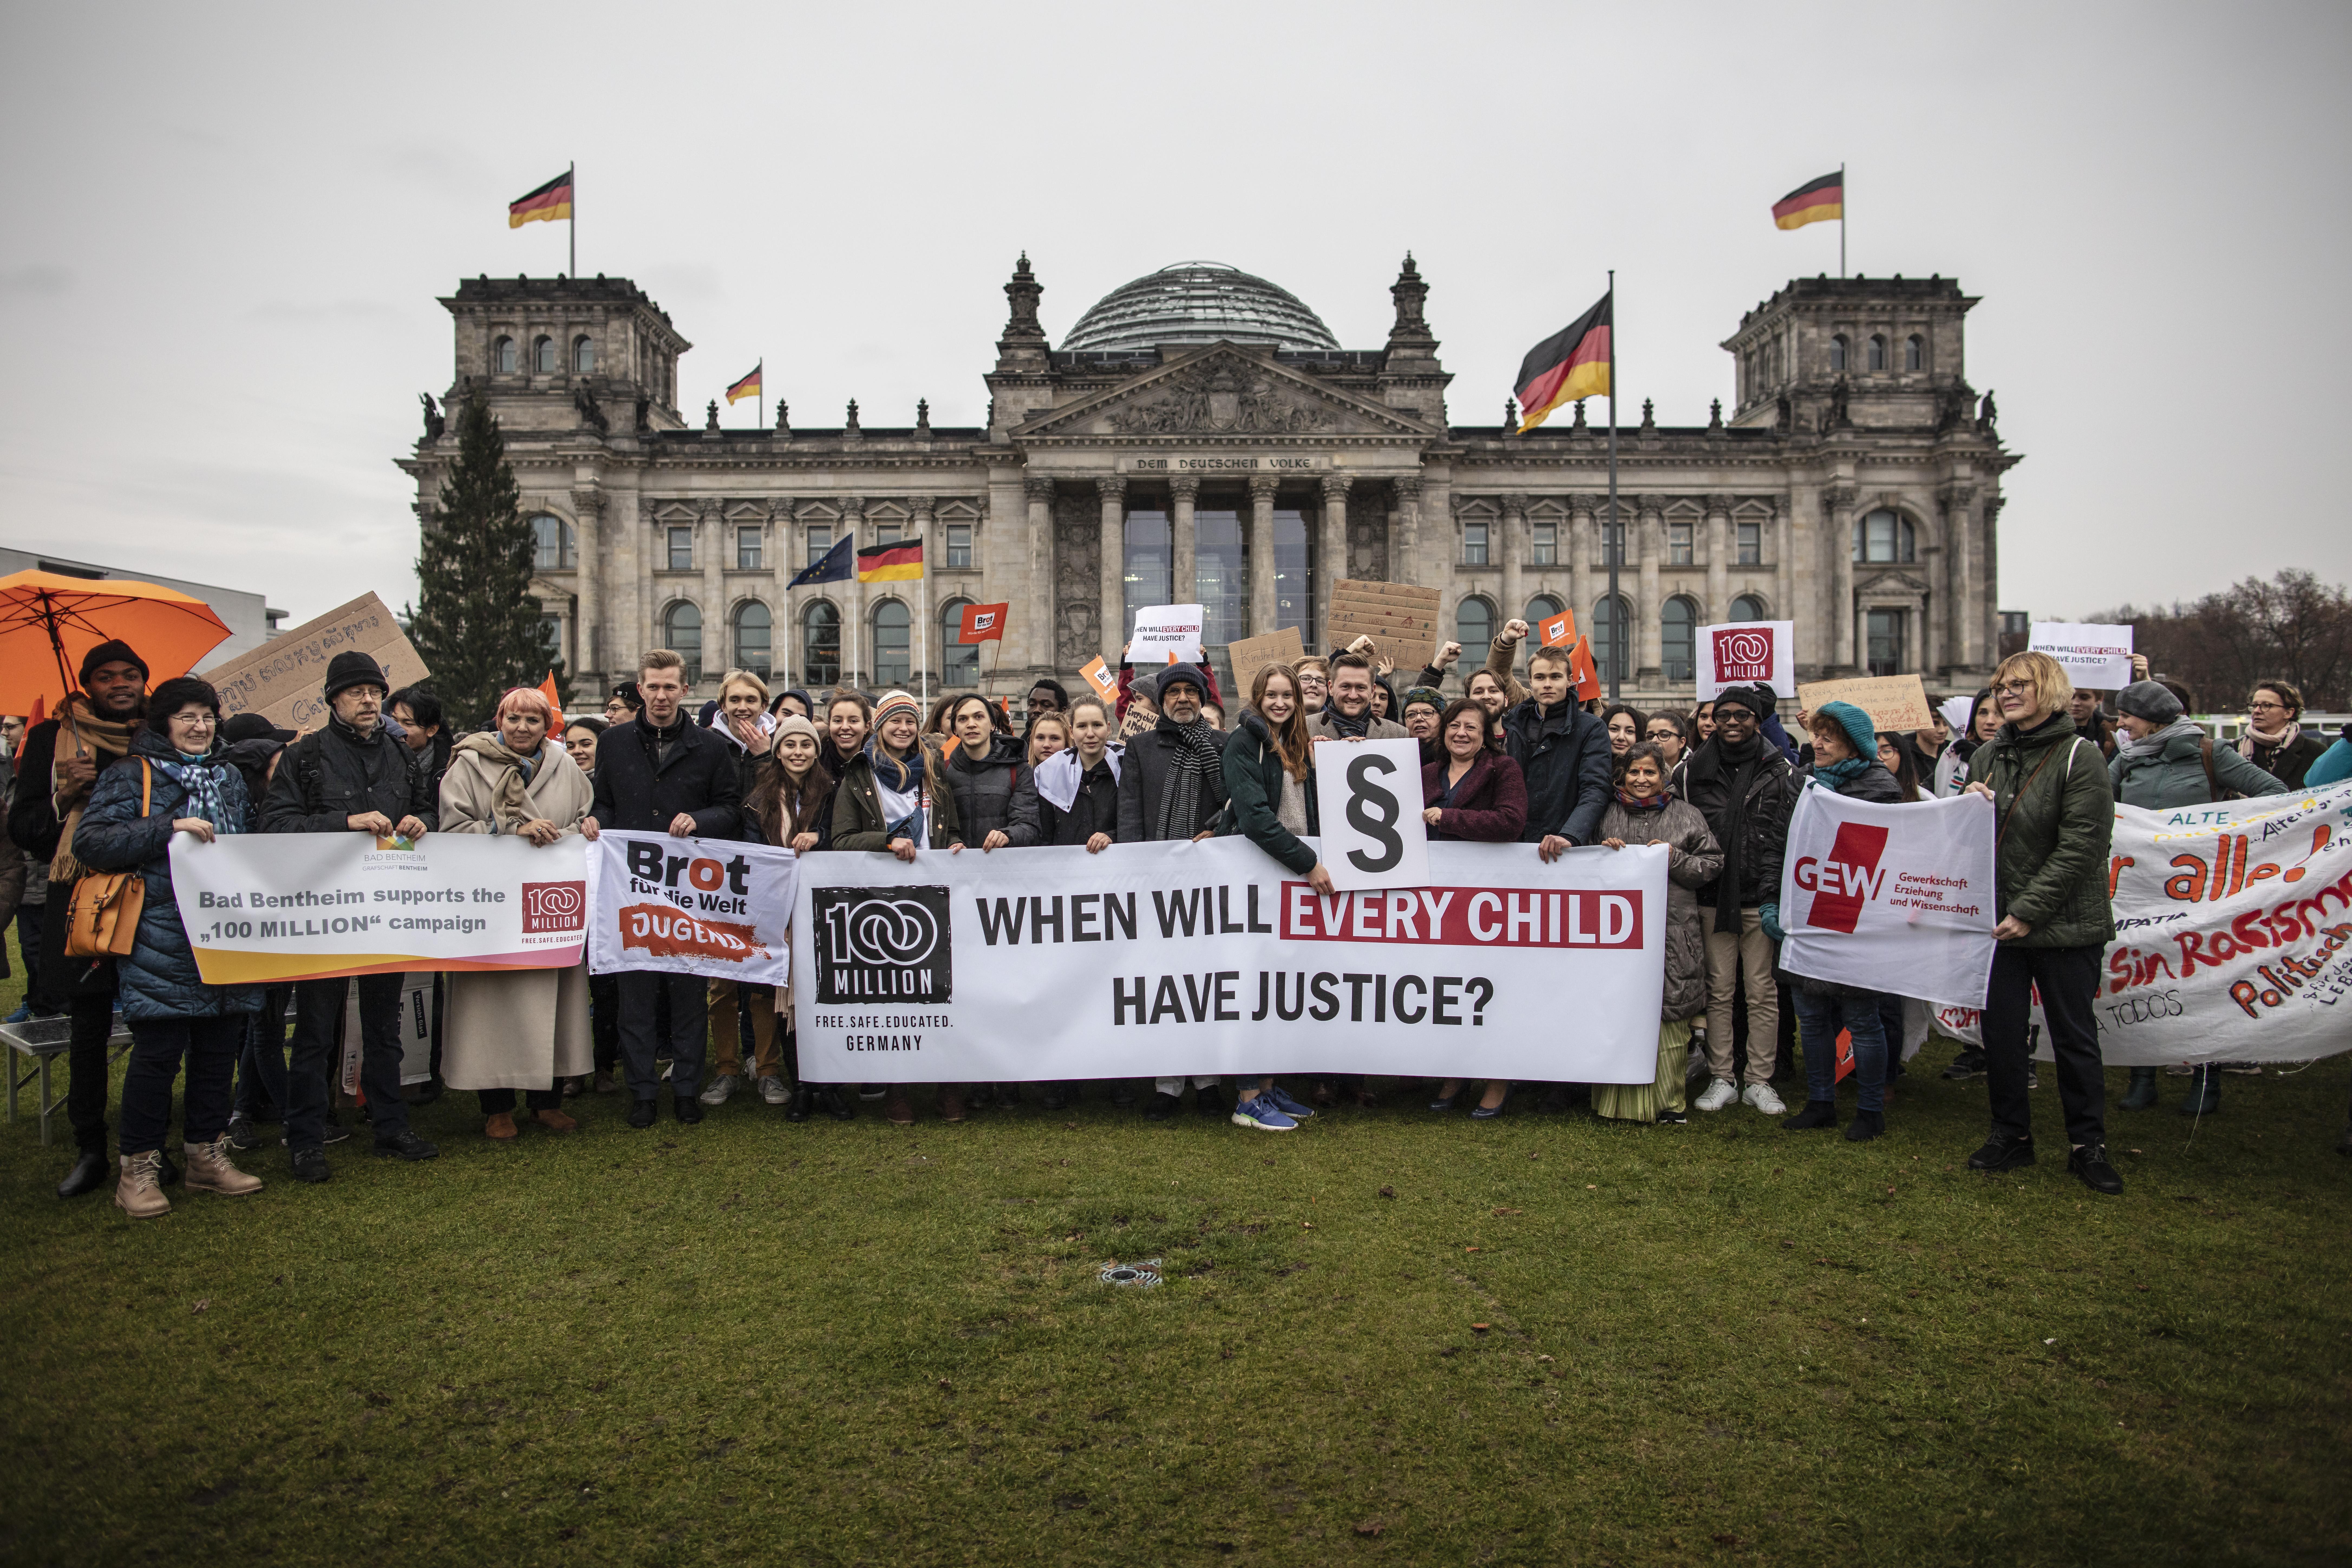 Jugendliche aus ganz Deutschland haben in Berlin ein Ende der Kinderarbeit gefordert.